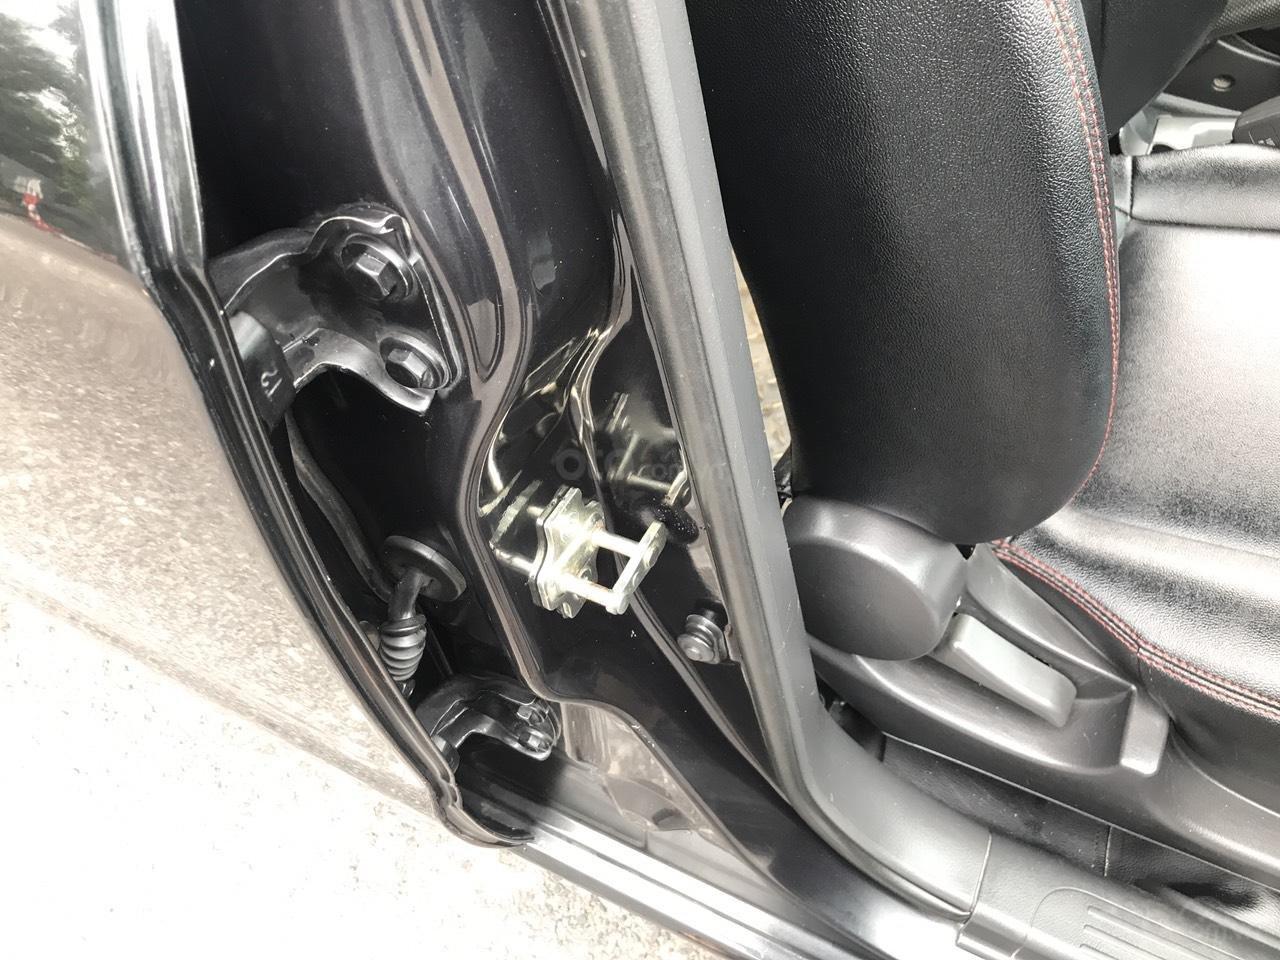 Bán xe Daewoo Gentra SX 1.2MT đời 2010, màu đen. 1 chủ công an huyện, xe nhập  (16)